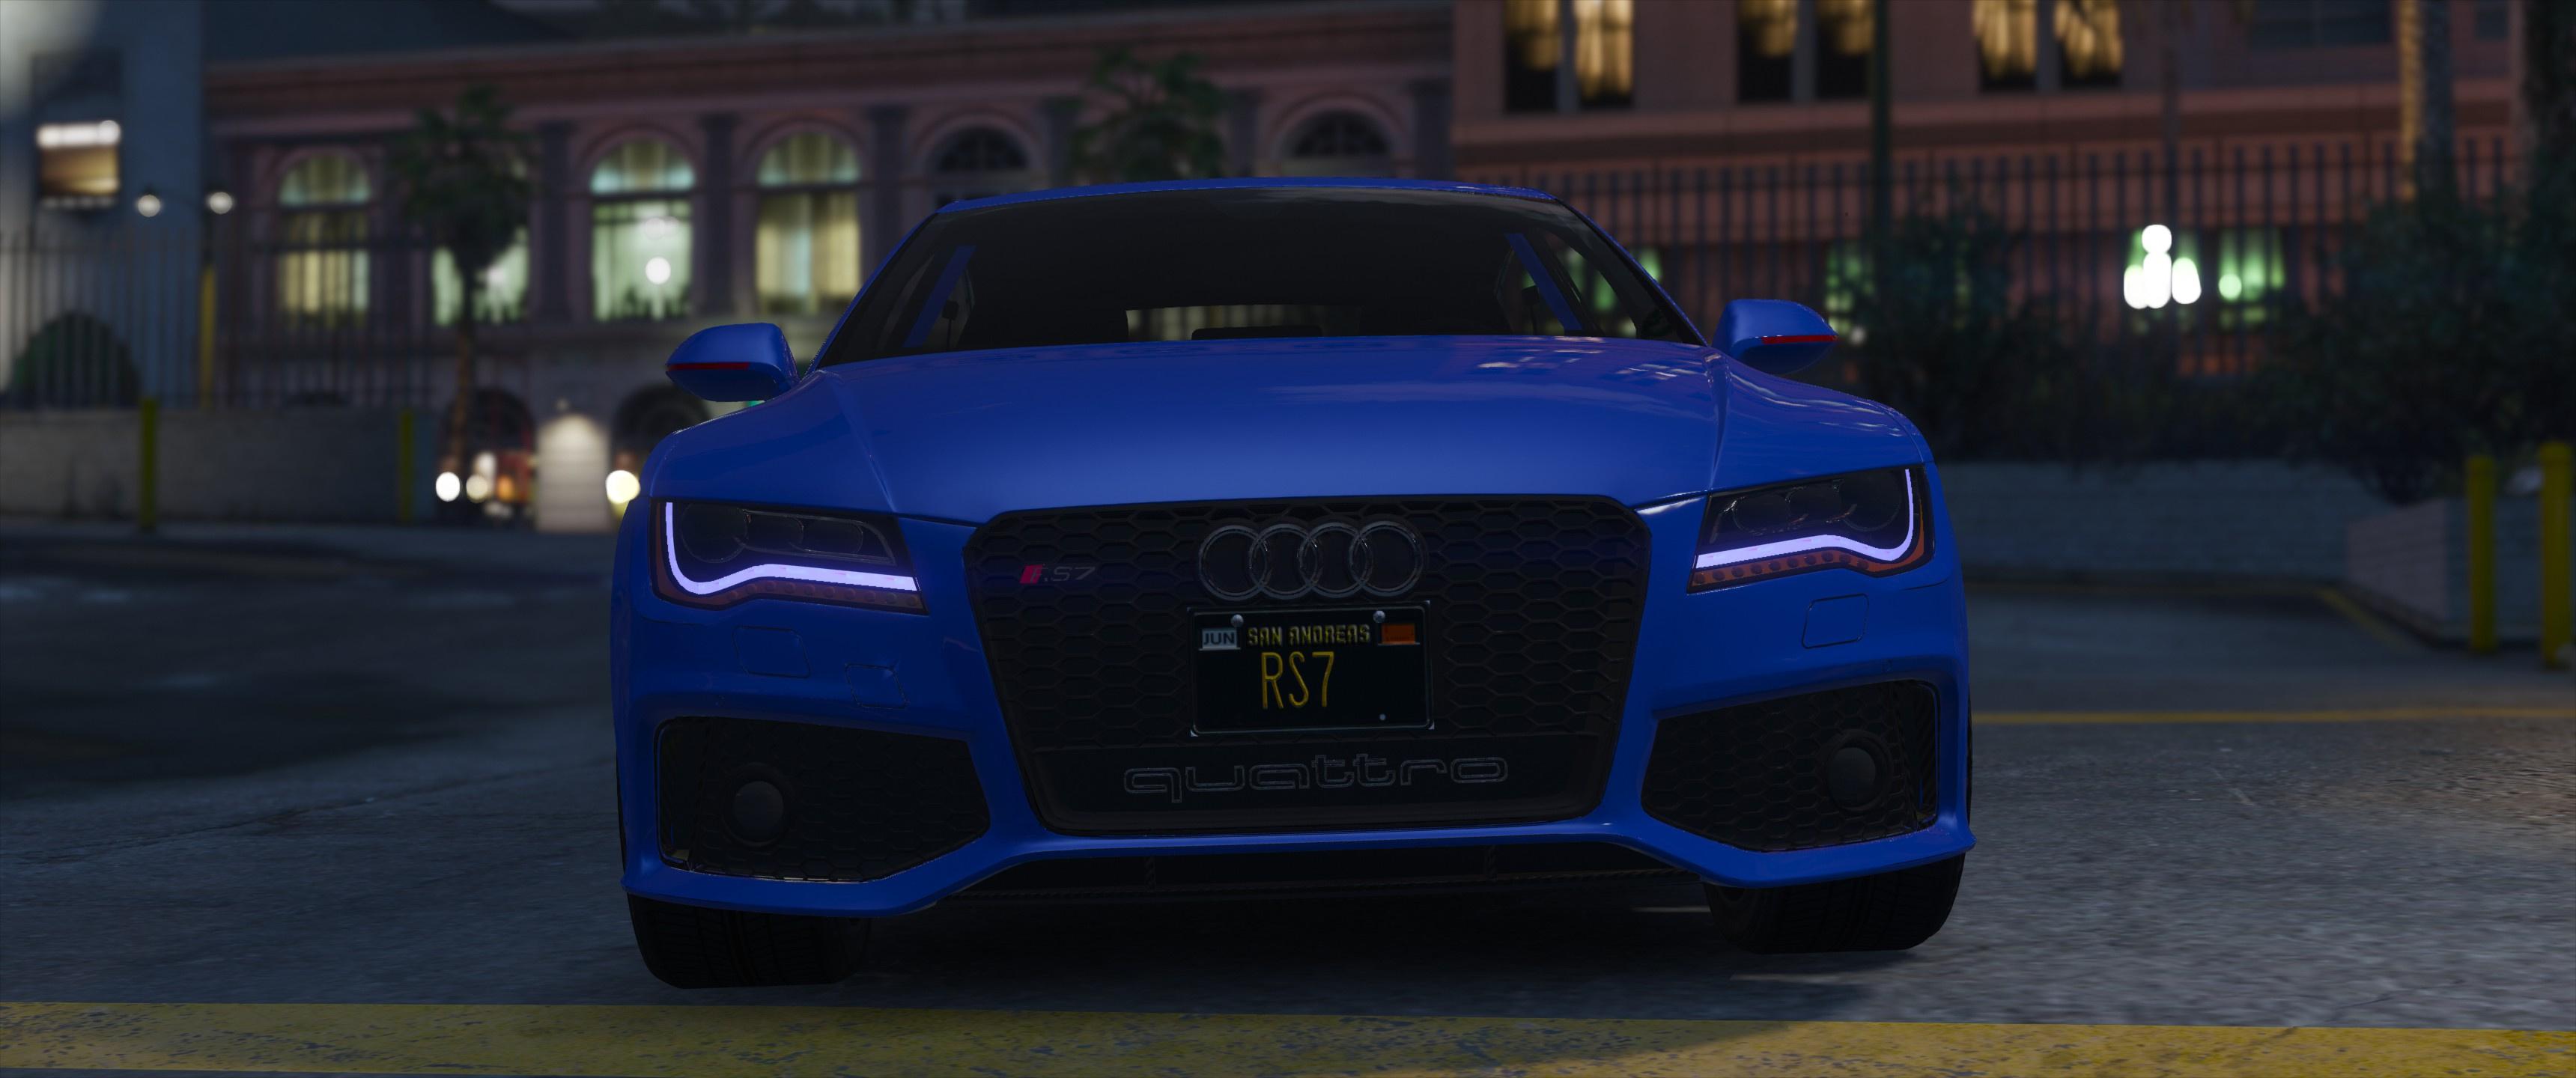 Kekurangan Audi Rs7 Quattro Top Model Tahun Ini